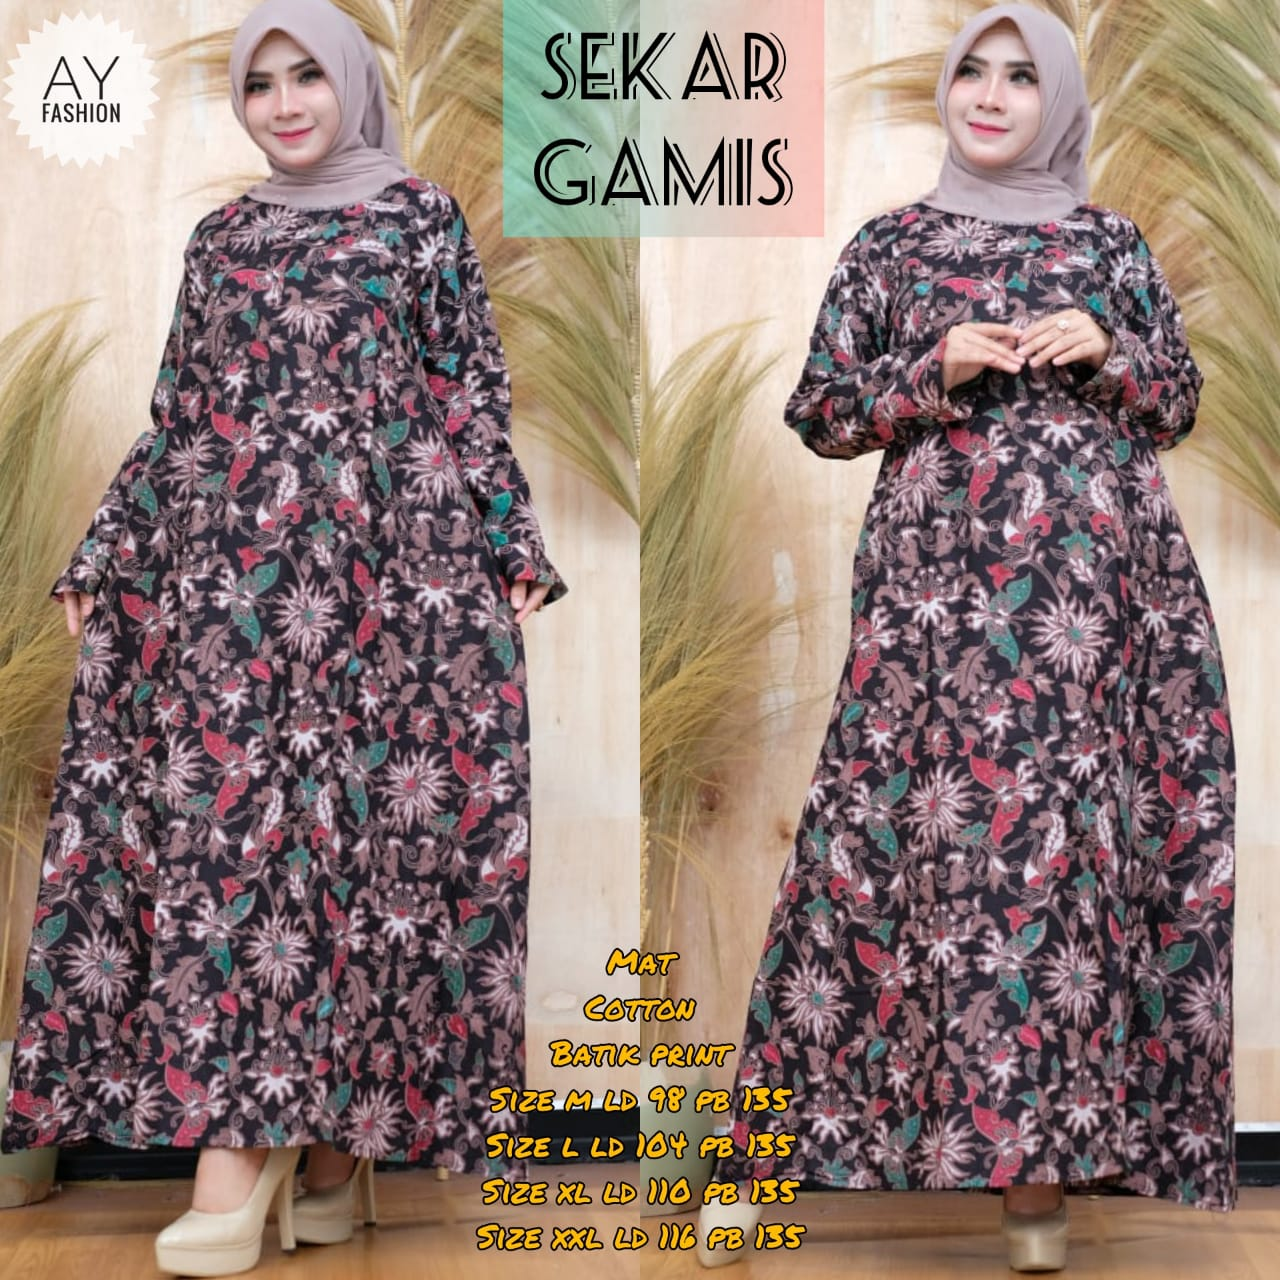 Sekar Gamis Cotton Batik PRintModel Gamis Terbaru 9 Untuk RemajaModel  Baju dress Panjang EleganDress Baju Muslim Wanita TerbaruSketsa Baju